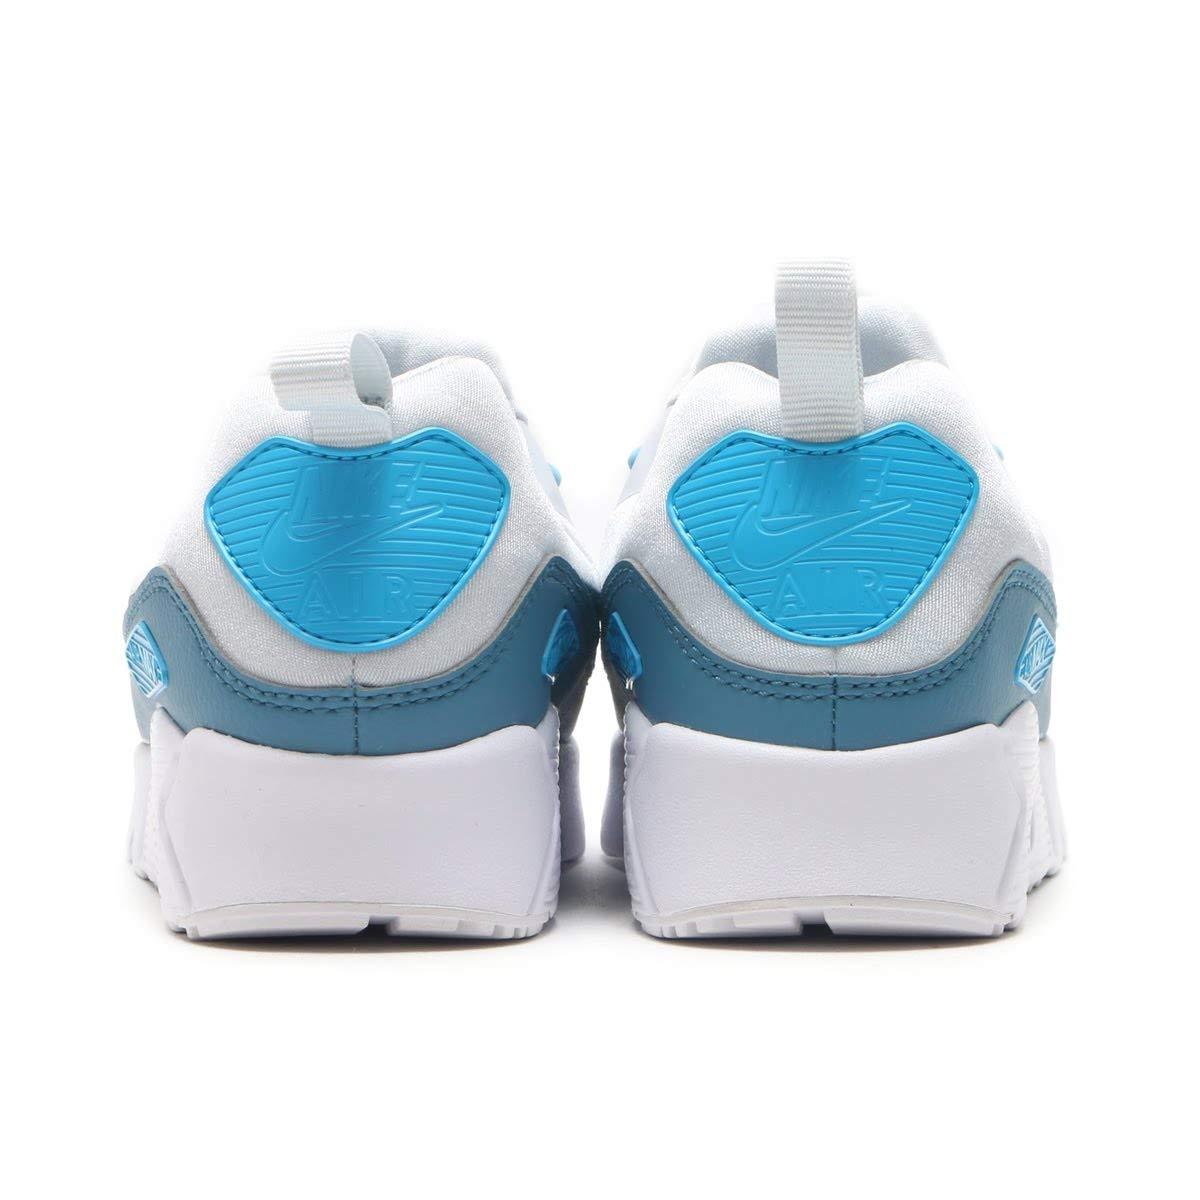 Nike Air Max Tiny 90 (PS) Platinum Aqua